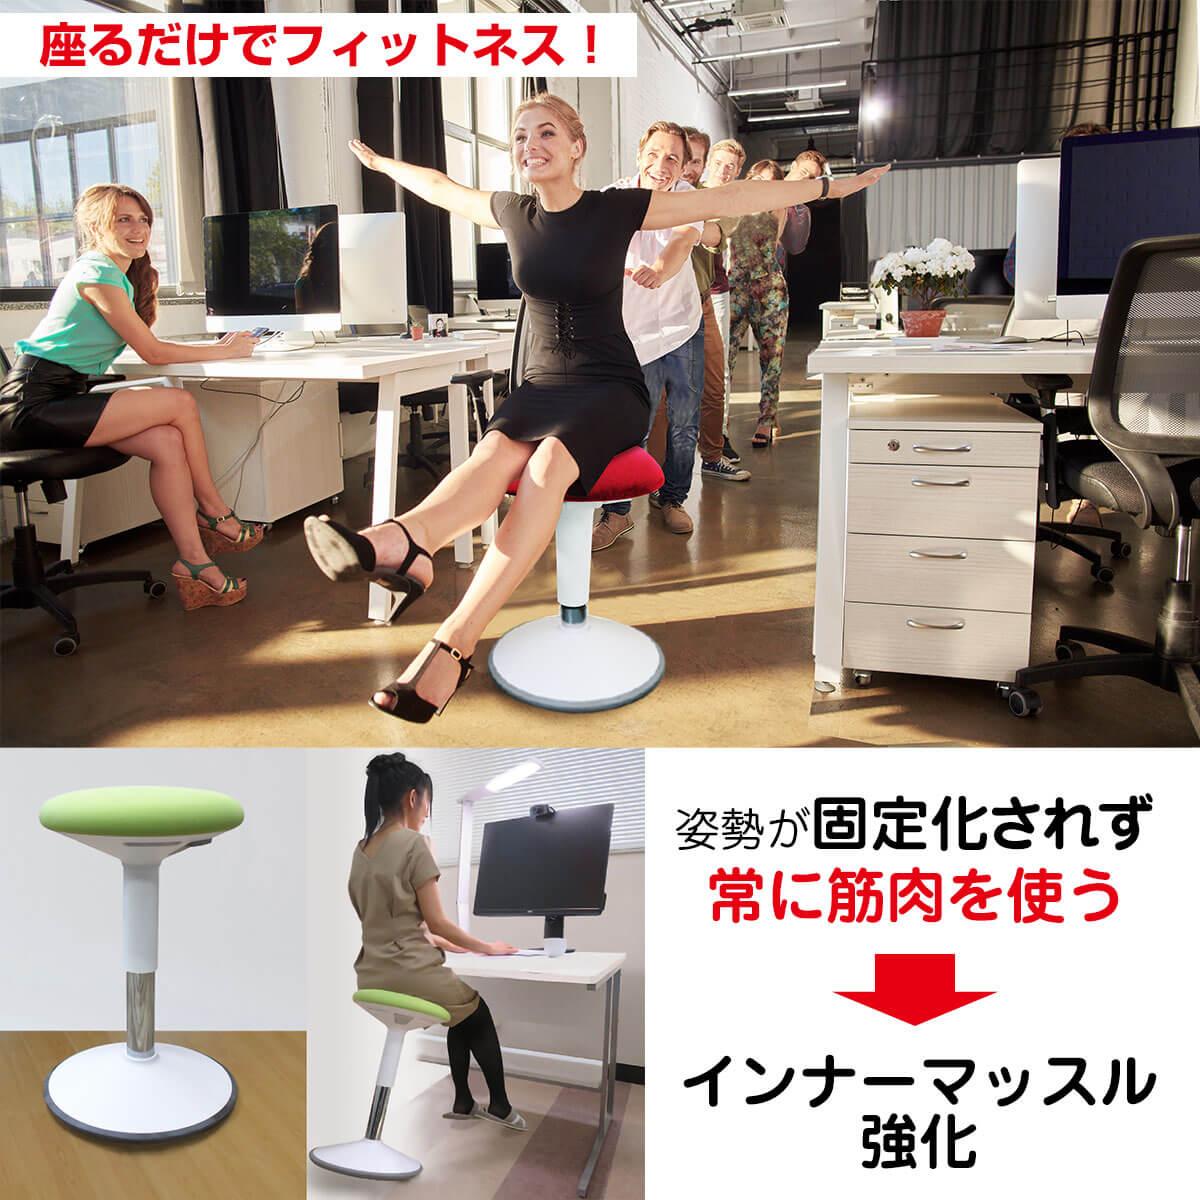 バランスチェア テレワーク 大人 腰痛 子供 姿勢 イージー グラッチェア 椅子 骨盤サポートチェア フィットネスチェア 在宅勤務 1人暮らし 必要なもの